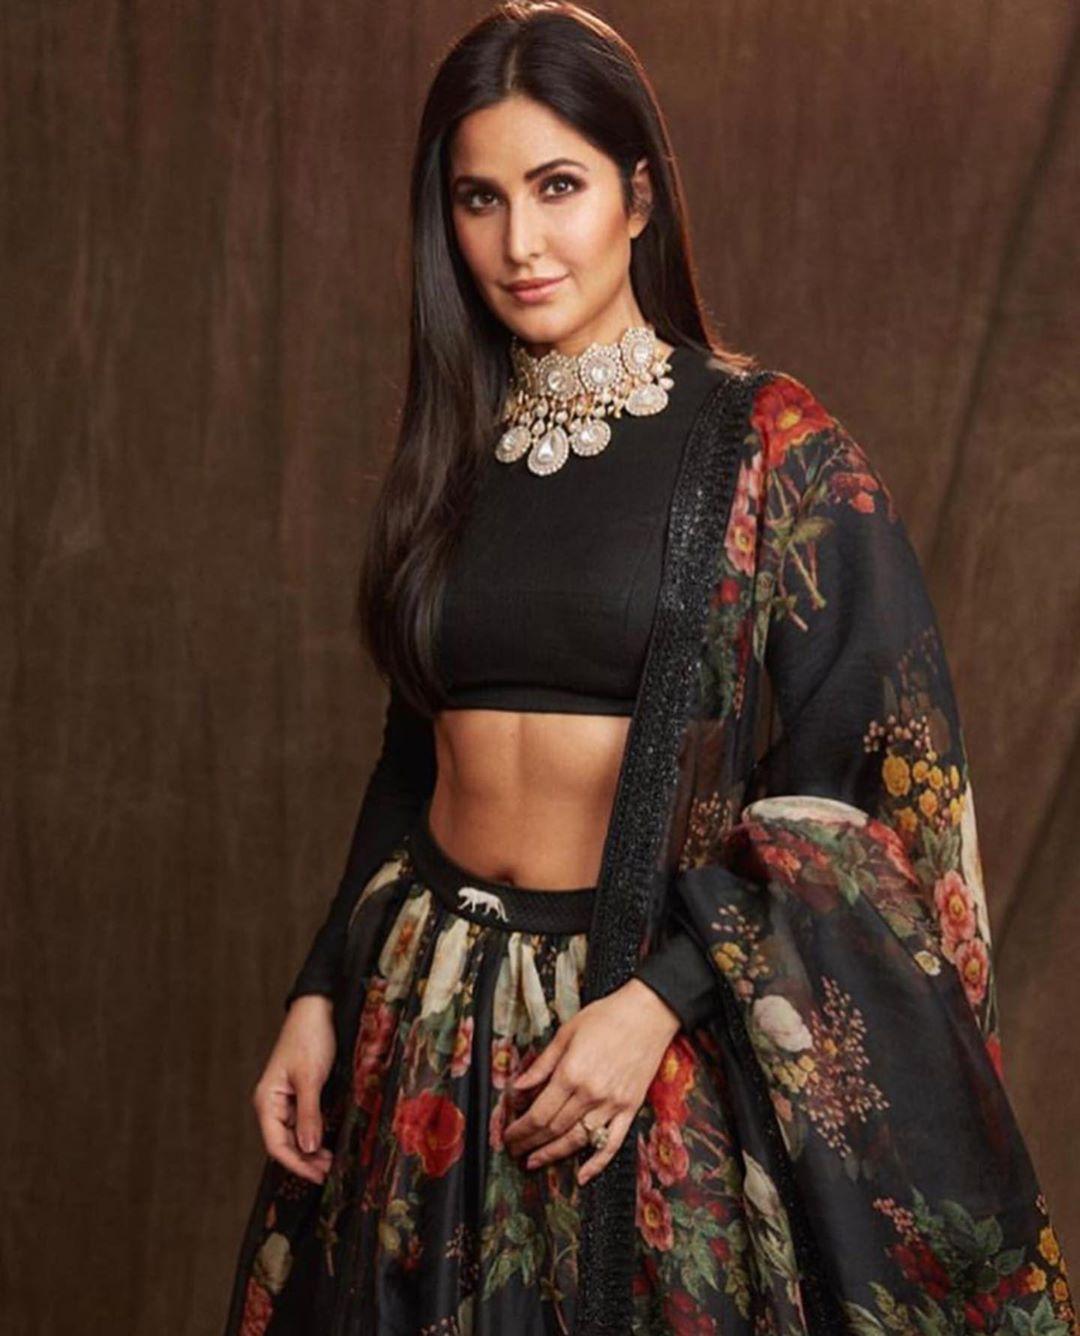 Bollywood Tadka,कैटरीना कैफ इमेज,कैटरीना कैफ फोटो,कैटरीना कैफ पिक्चर